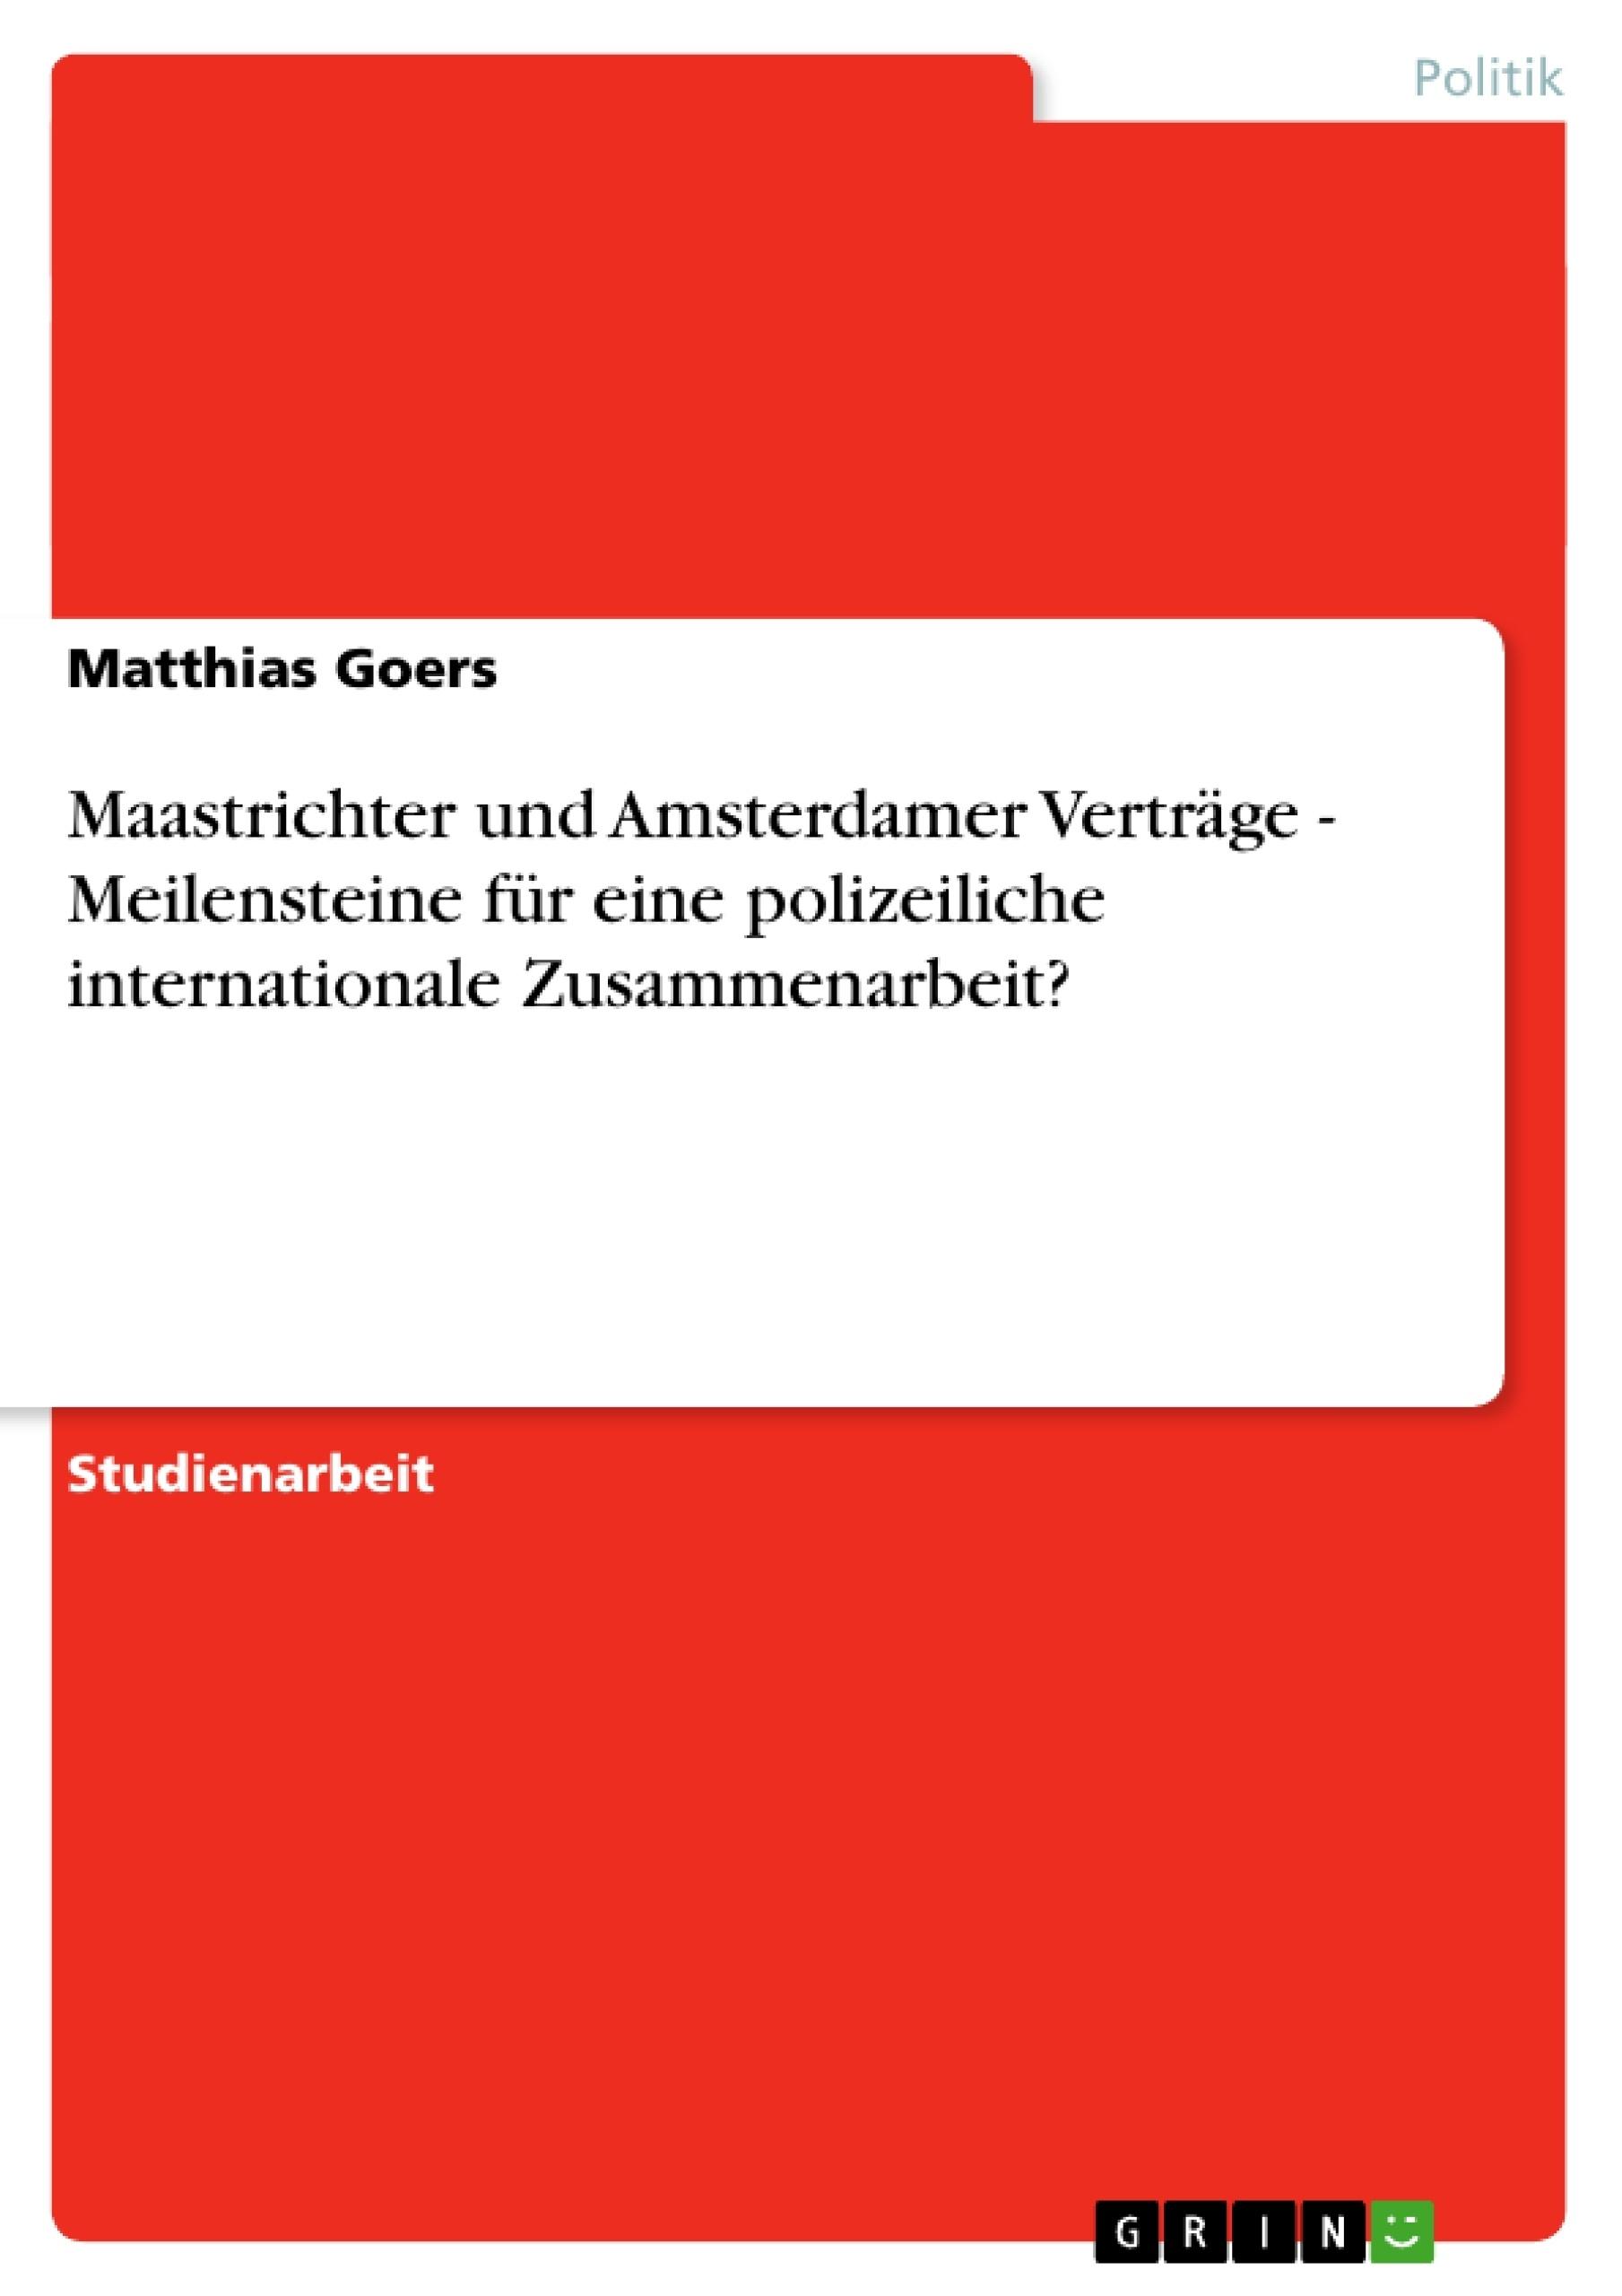 Titel: Maastrichter und Amsterdamer Verträge - Meilensteine für eine polizeiliche internationale Zusammenarbeit?